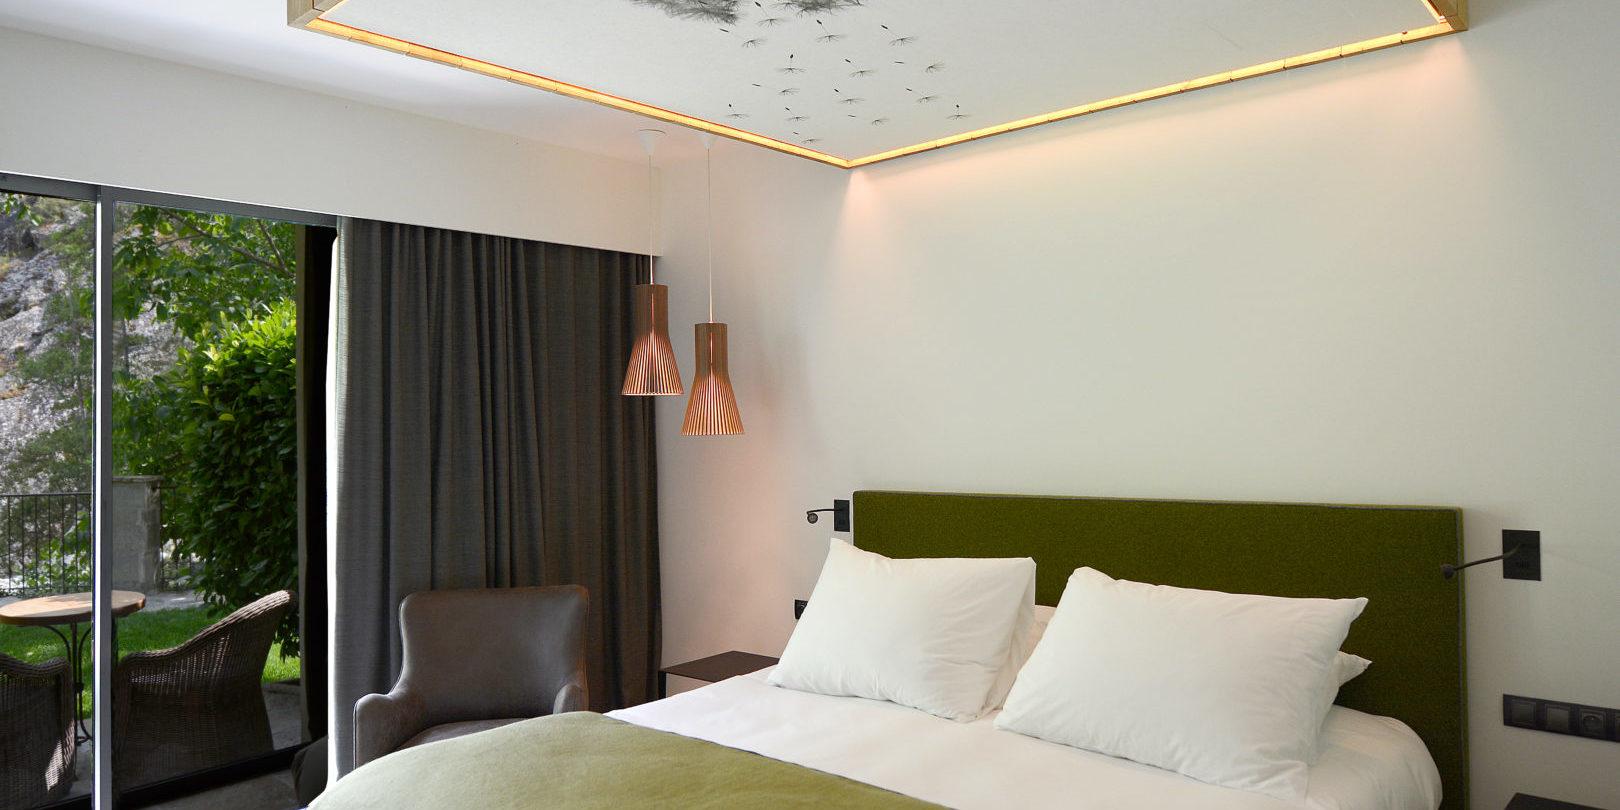 Hotel Dominique Colonna Corte Restonica binnenland Corsica Frankrijk 2-pk rivierzijde